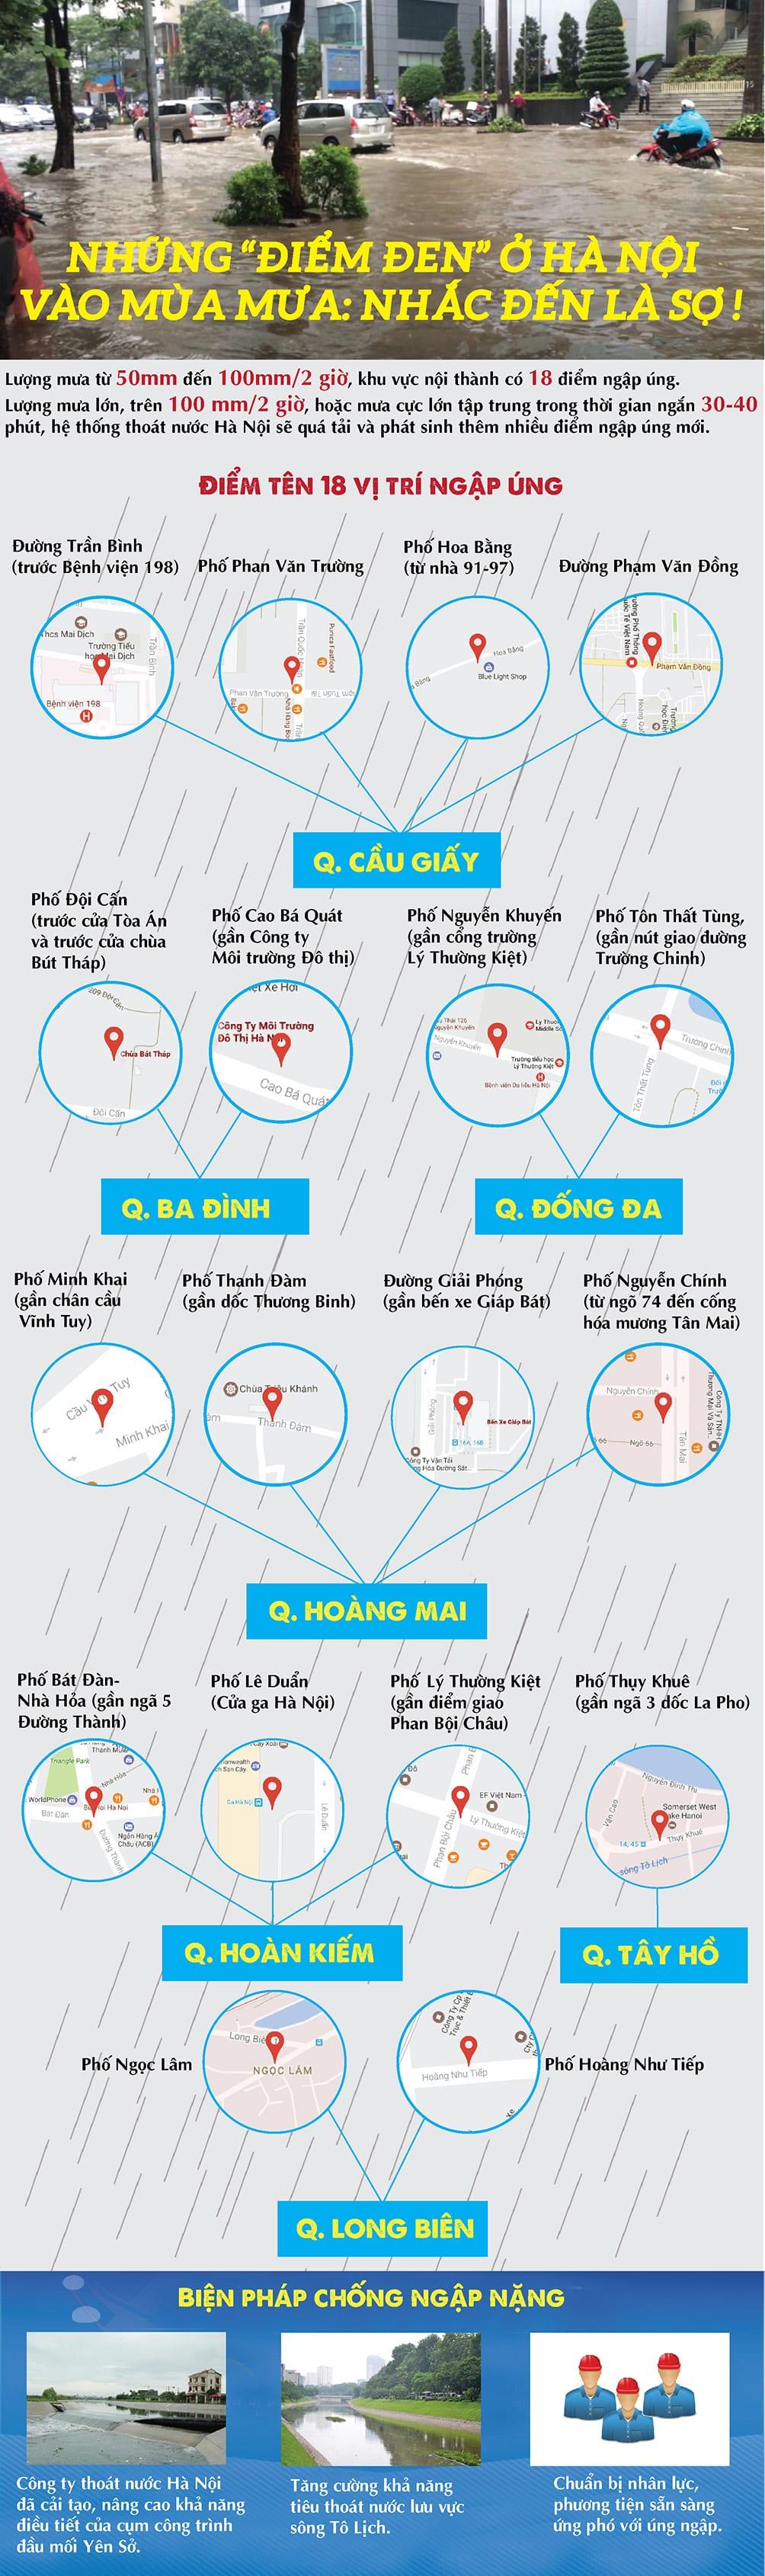 """Những """"điểm đen"""" ở Hà Nội vào mùa mưa: Nhắc đến là sợ - 1"""